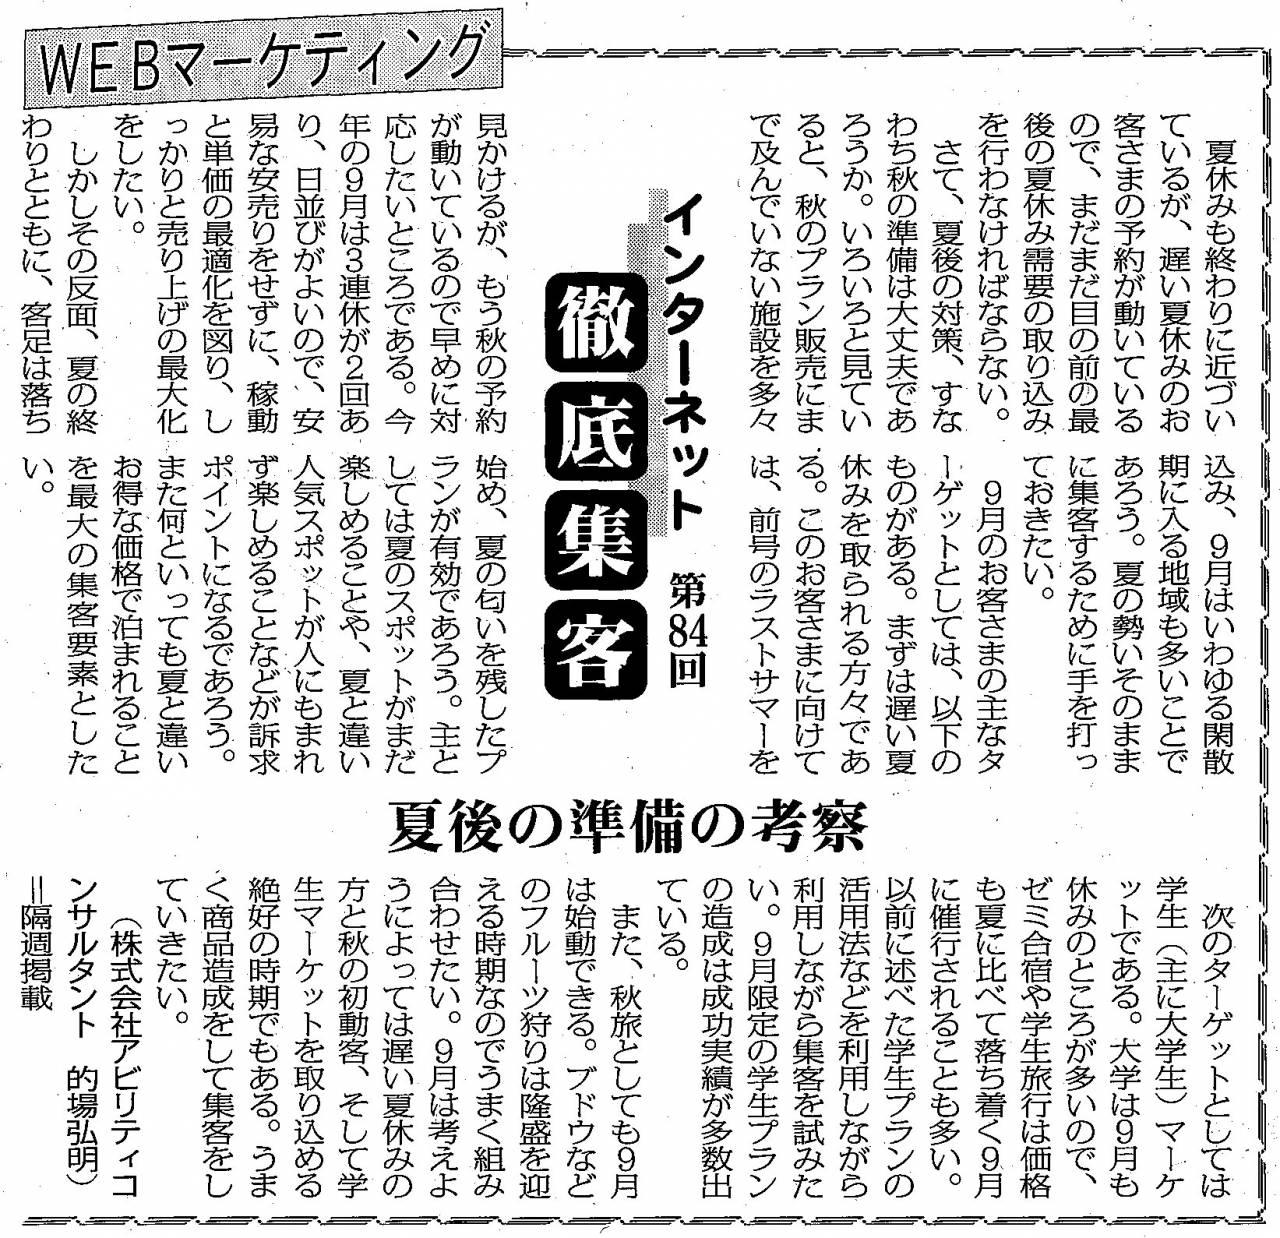 【第84回】WEBマーケティング 夏後の準備の考察